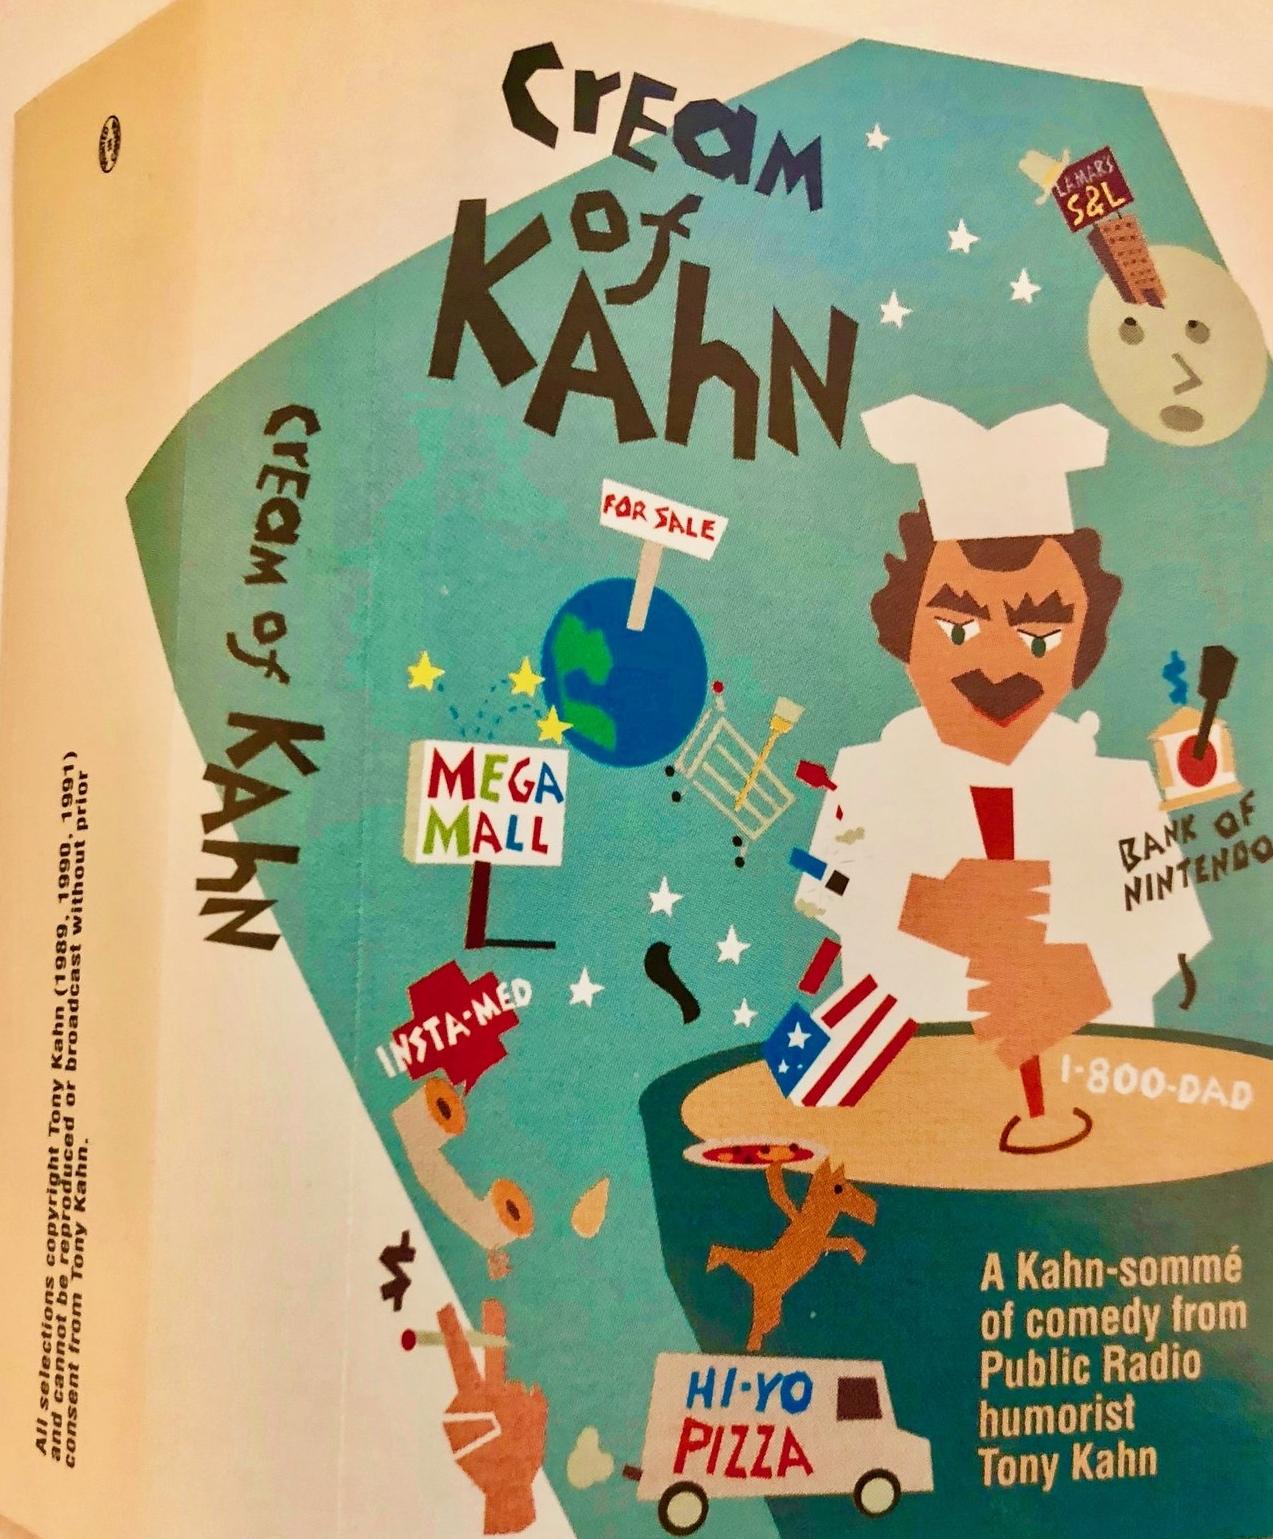 CREAM+OF+KAHN+COVER.jpg